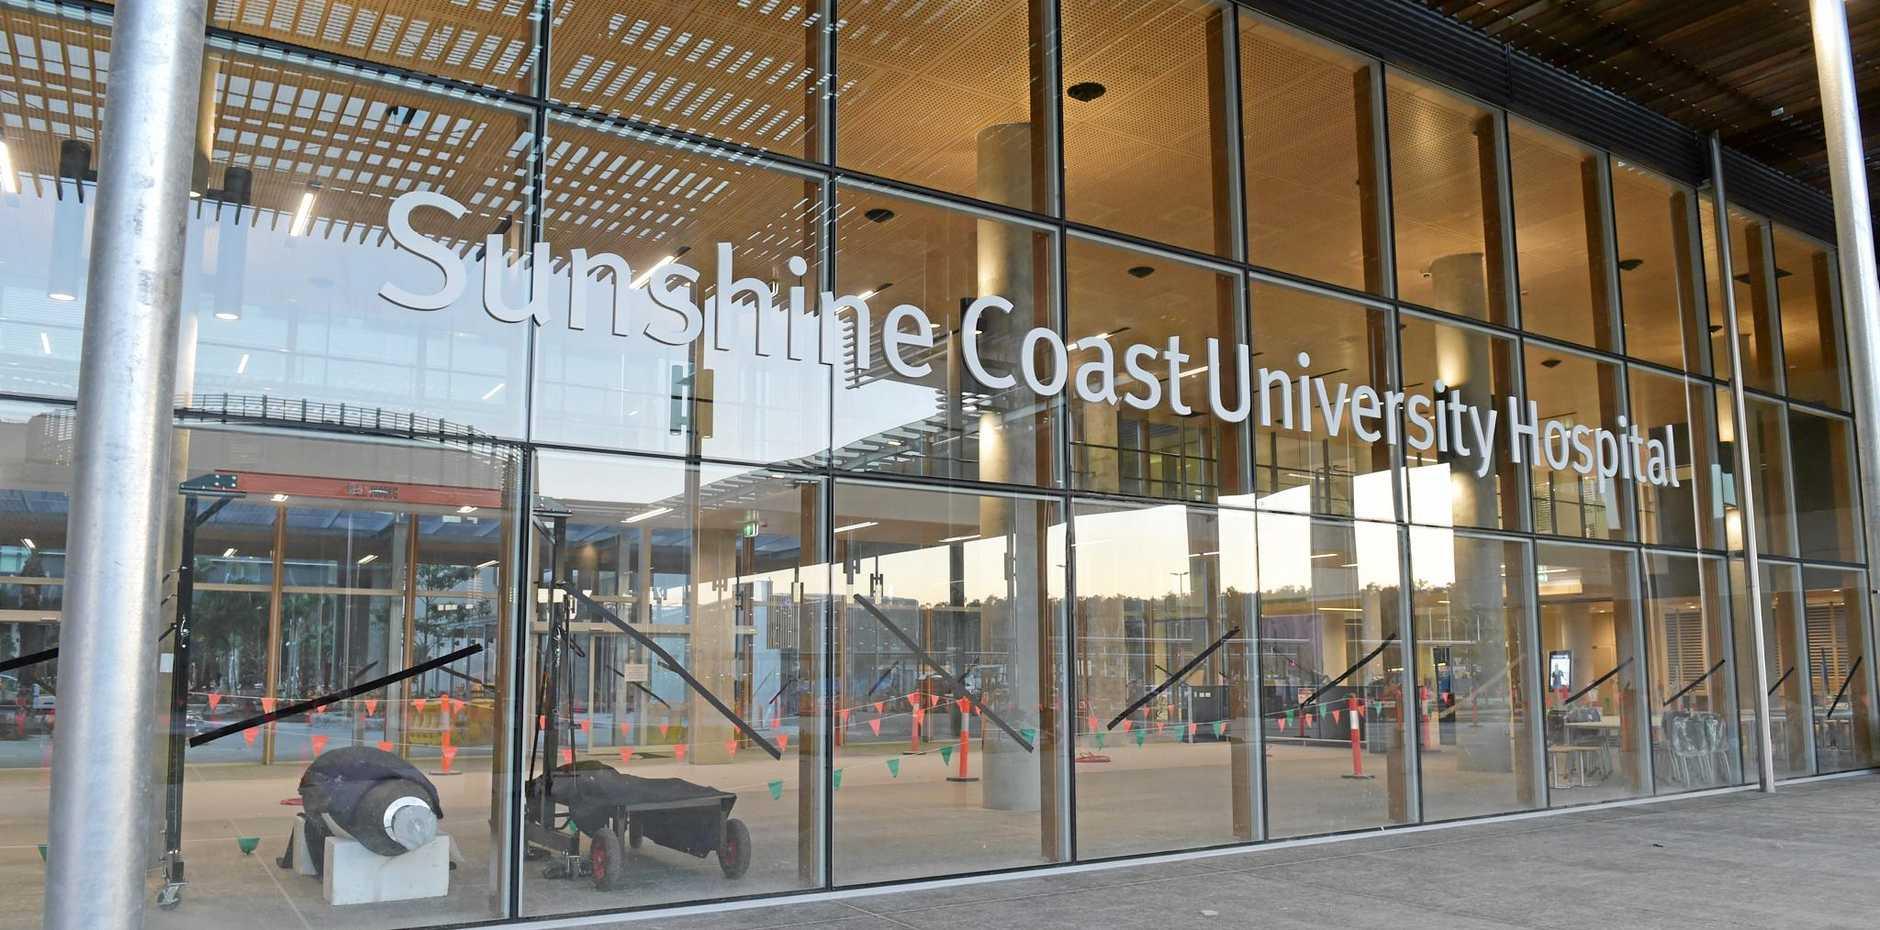 Construction of the Sunshine Coast Public University Hospital